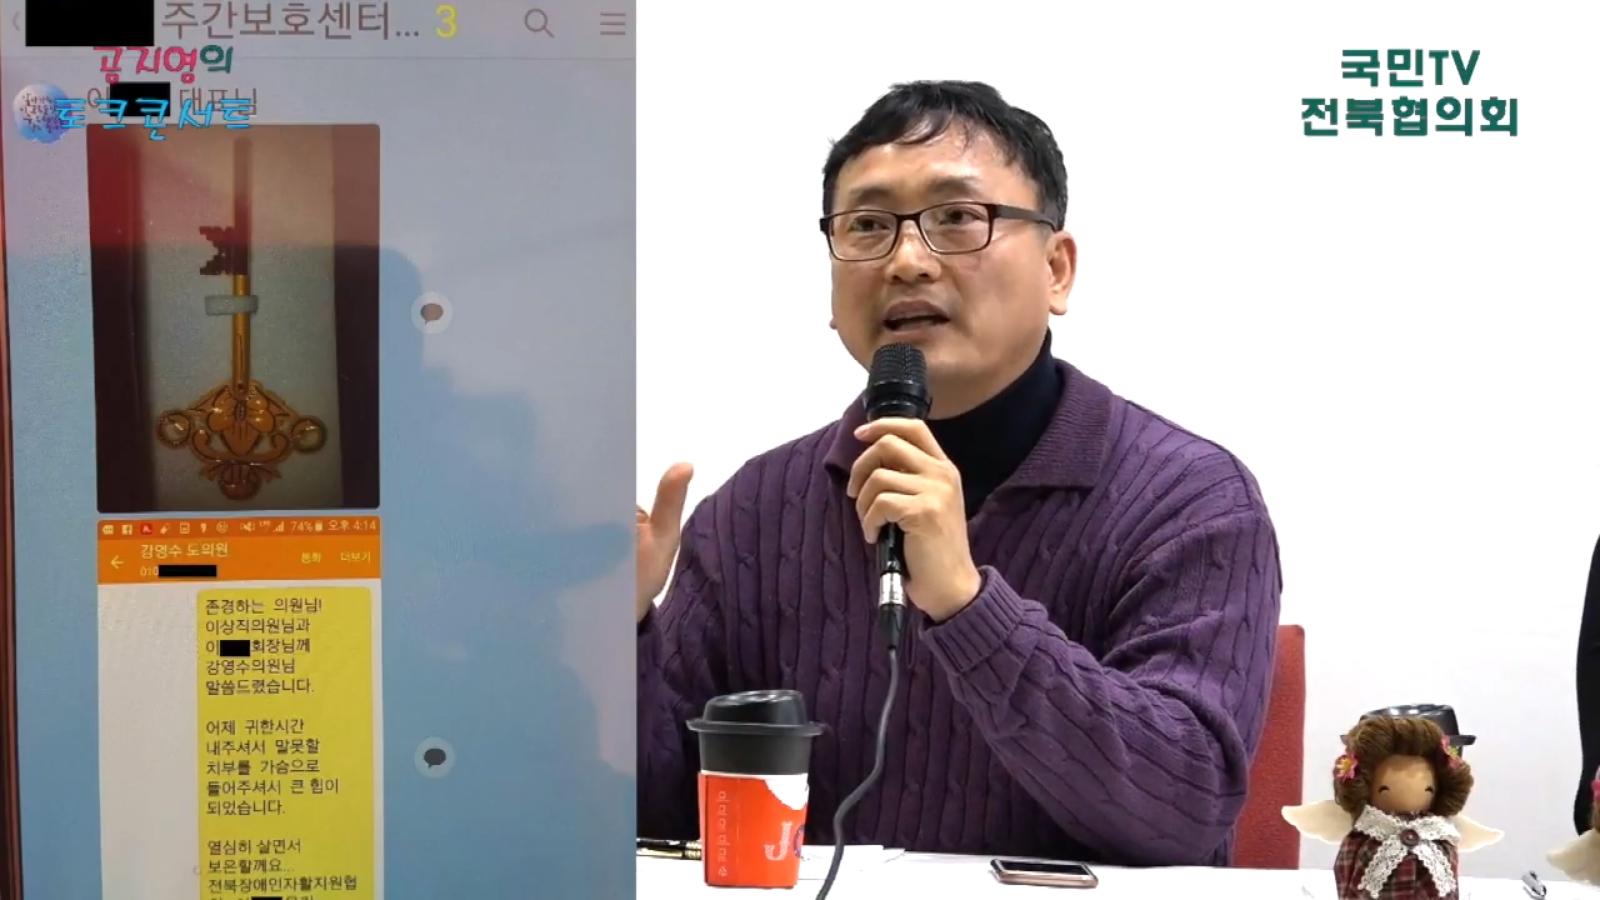 [18.1.17 국민TV전북] 공지영 작가 초청 방송_봉침 이목사 사건과 검찰의 기소 축소 이유6.jpg